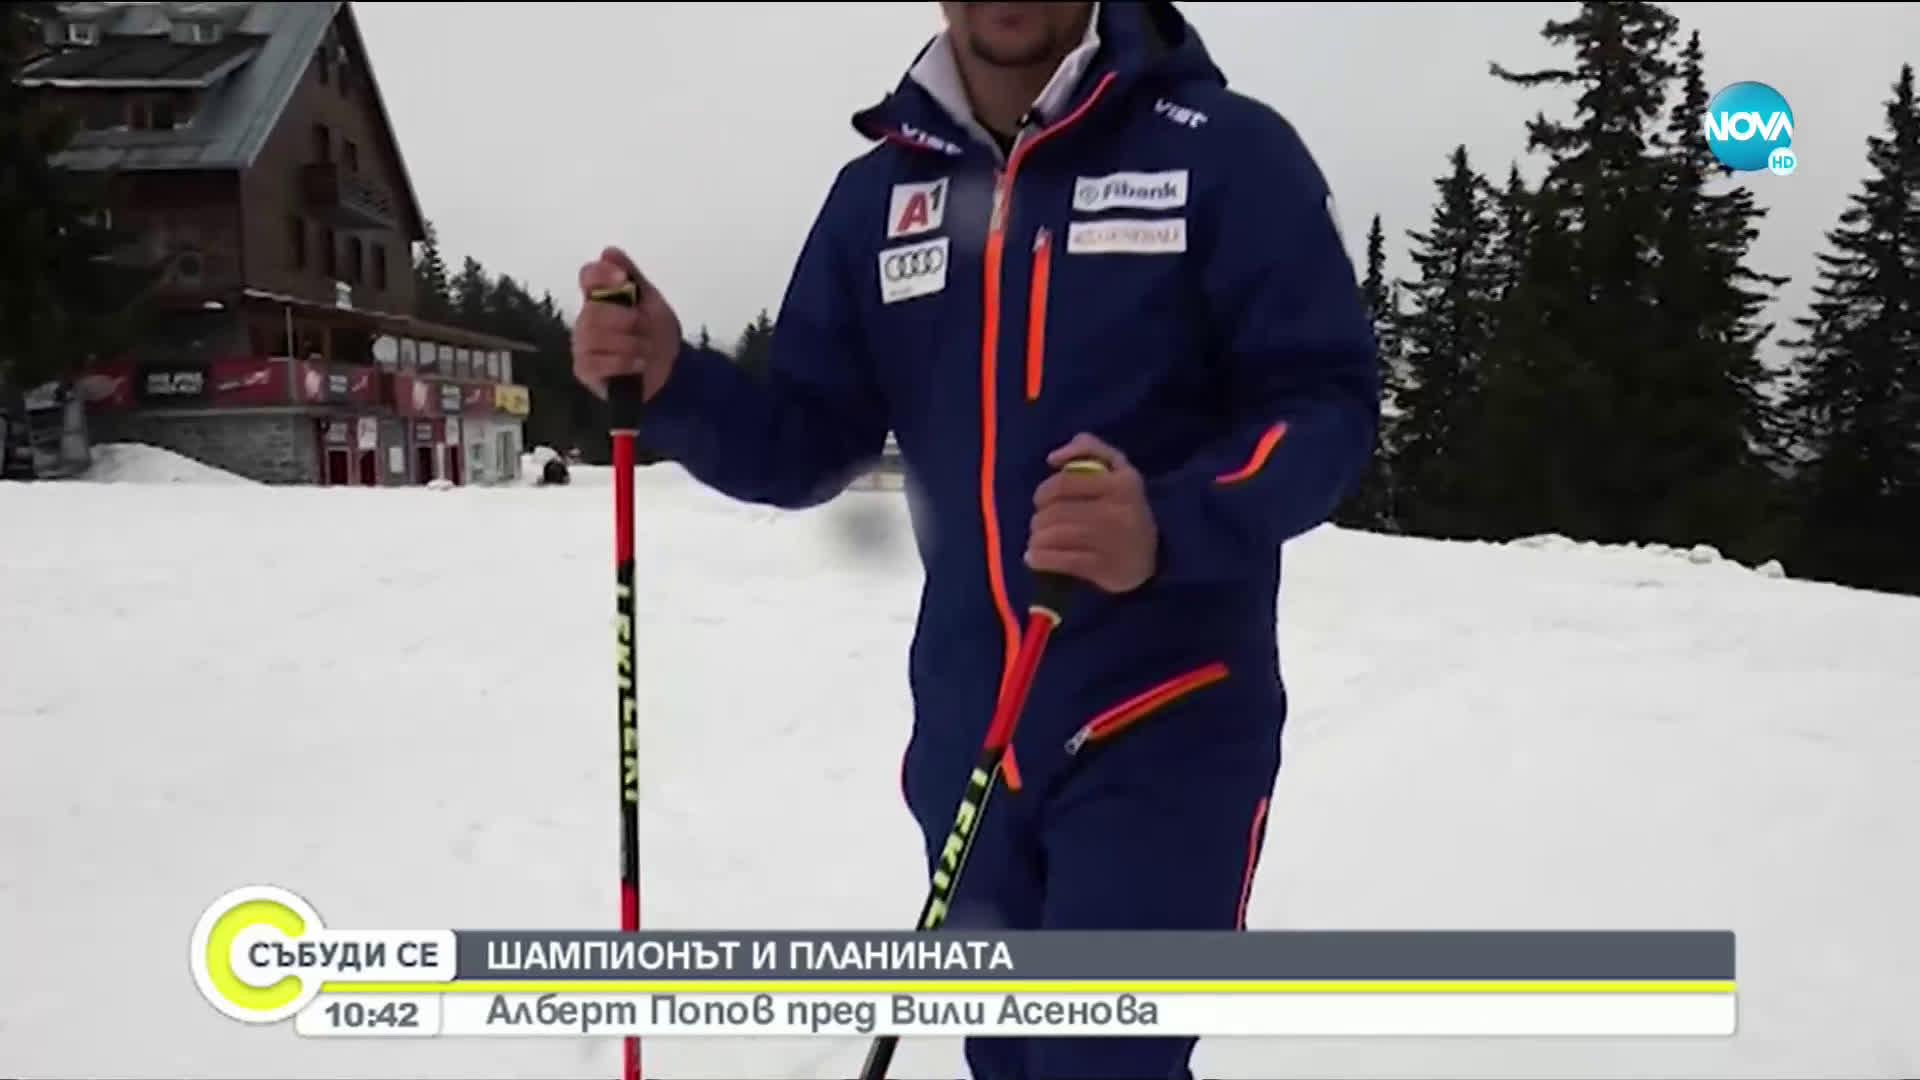 Алберт Попов: Шампионът и планината